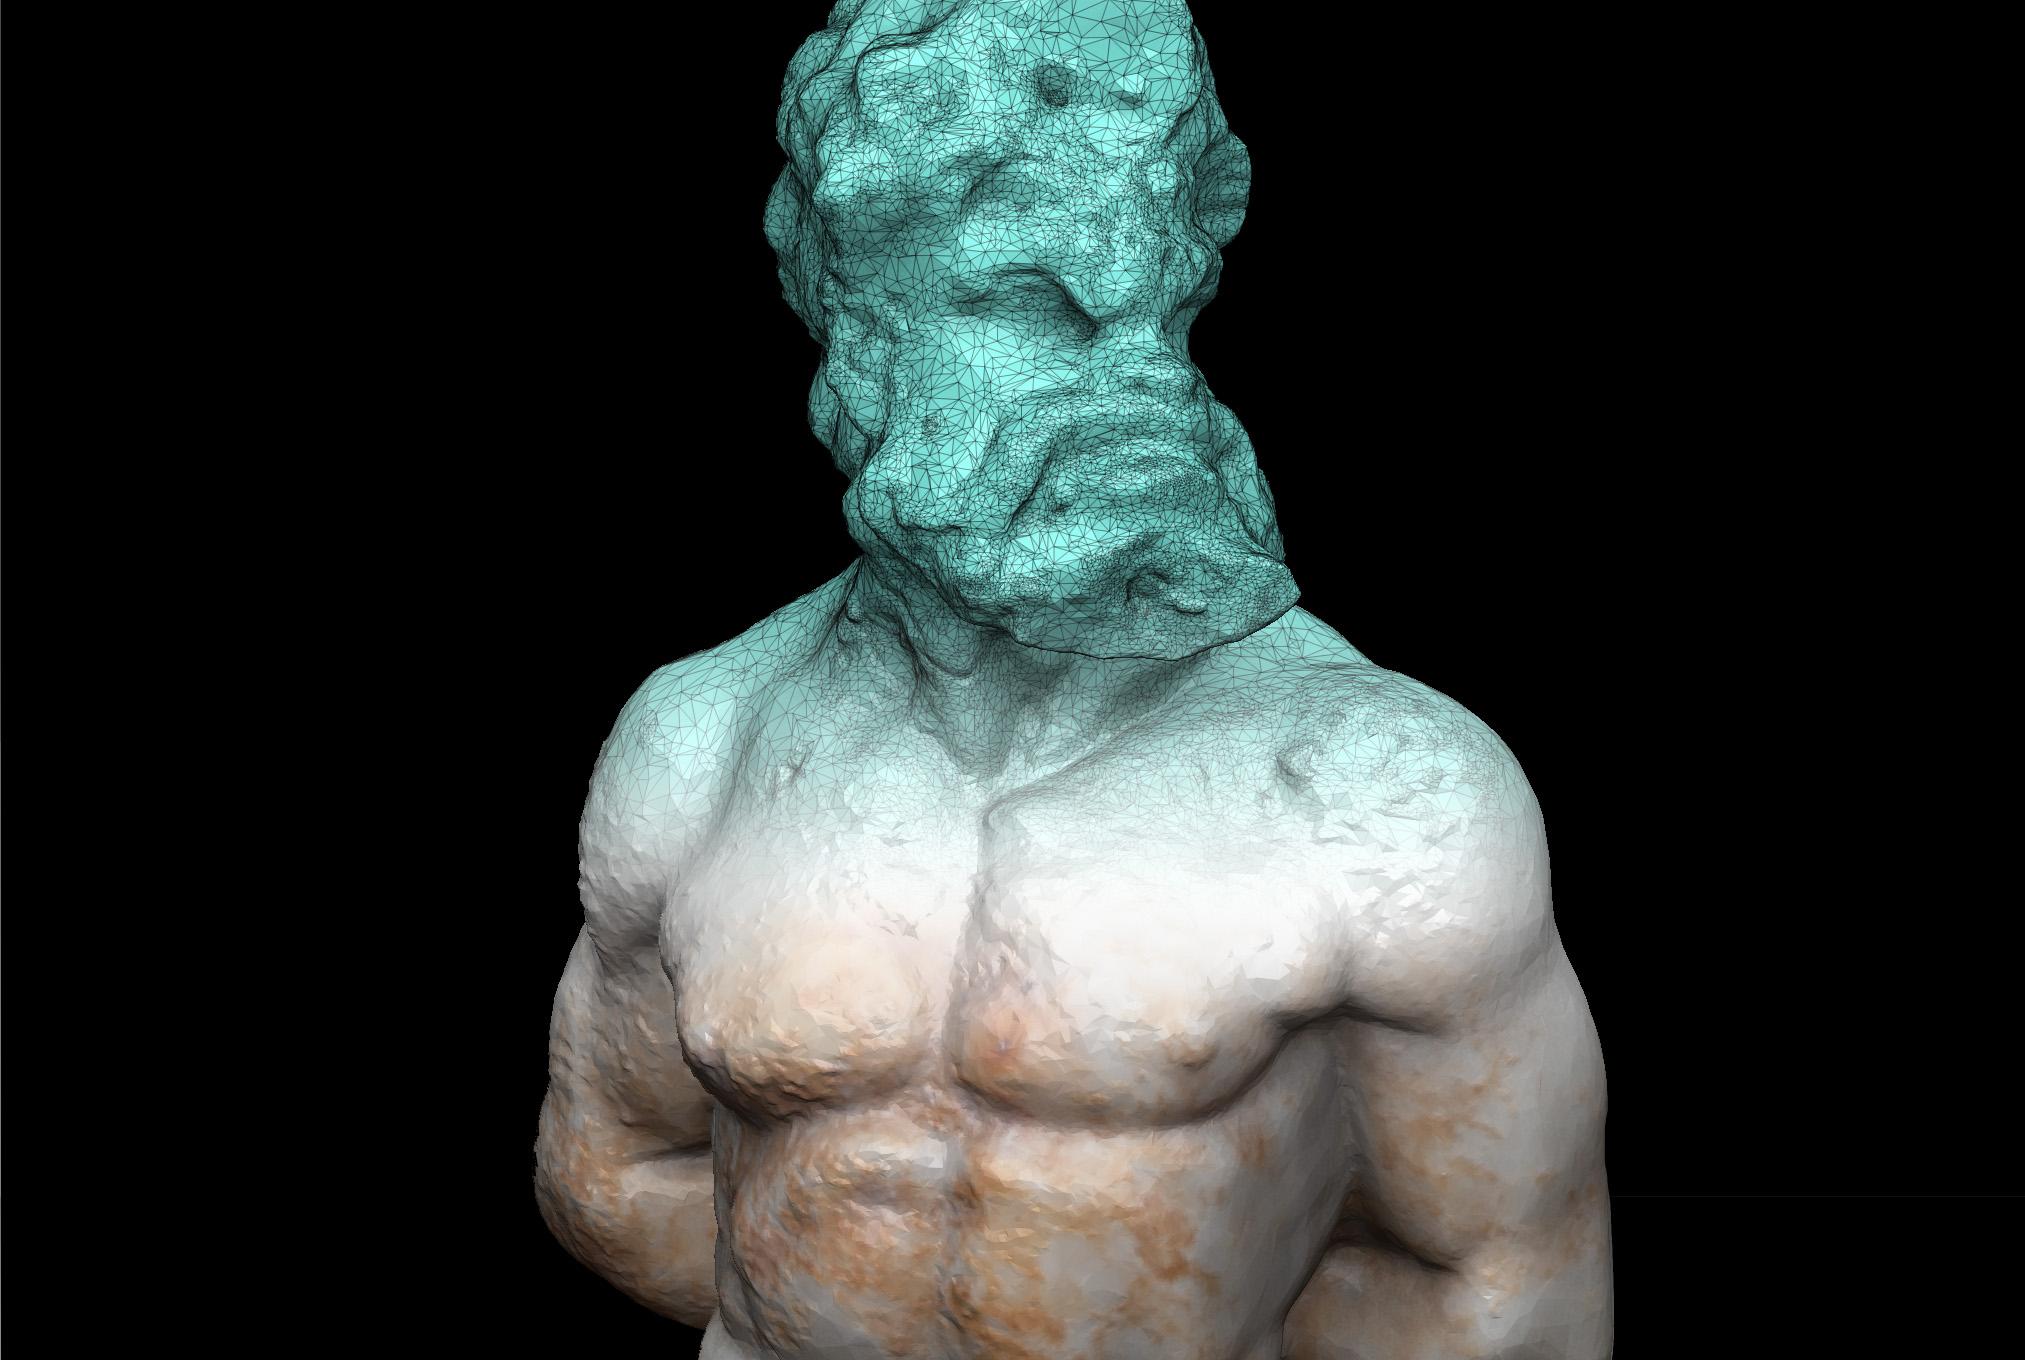 Digital model of the 'cosa faun'